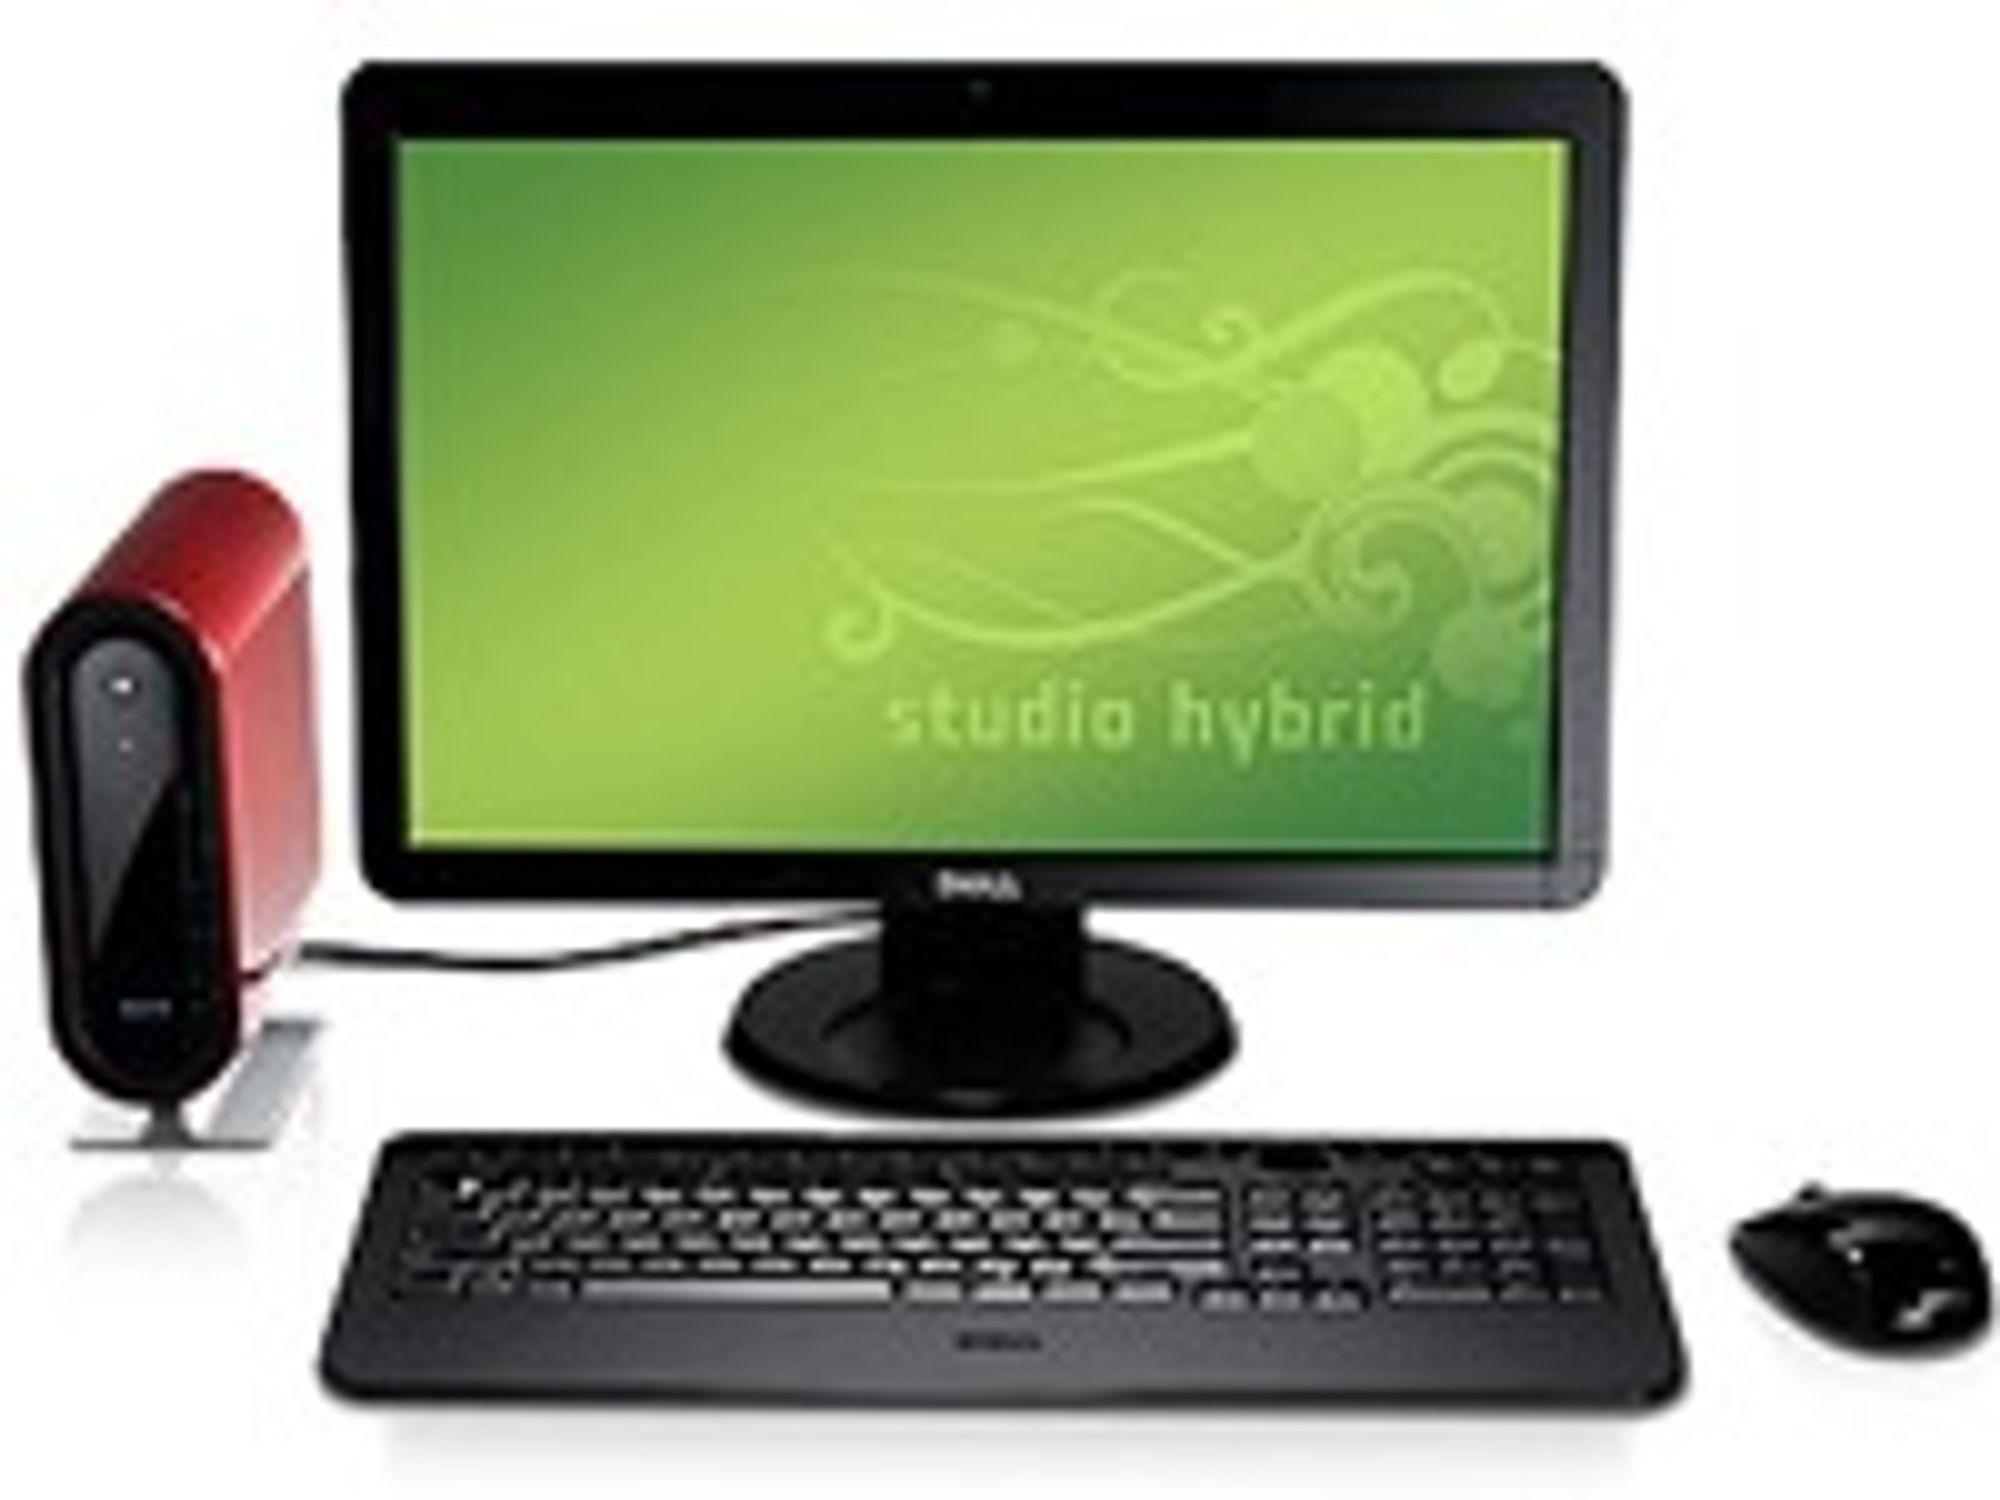 Dell Studio Hybrid med 19 tommers skjerm.